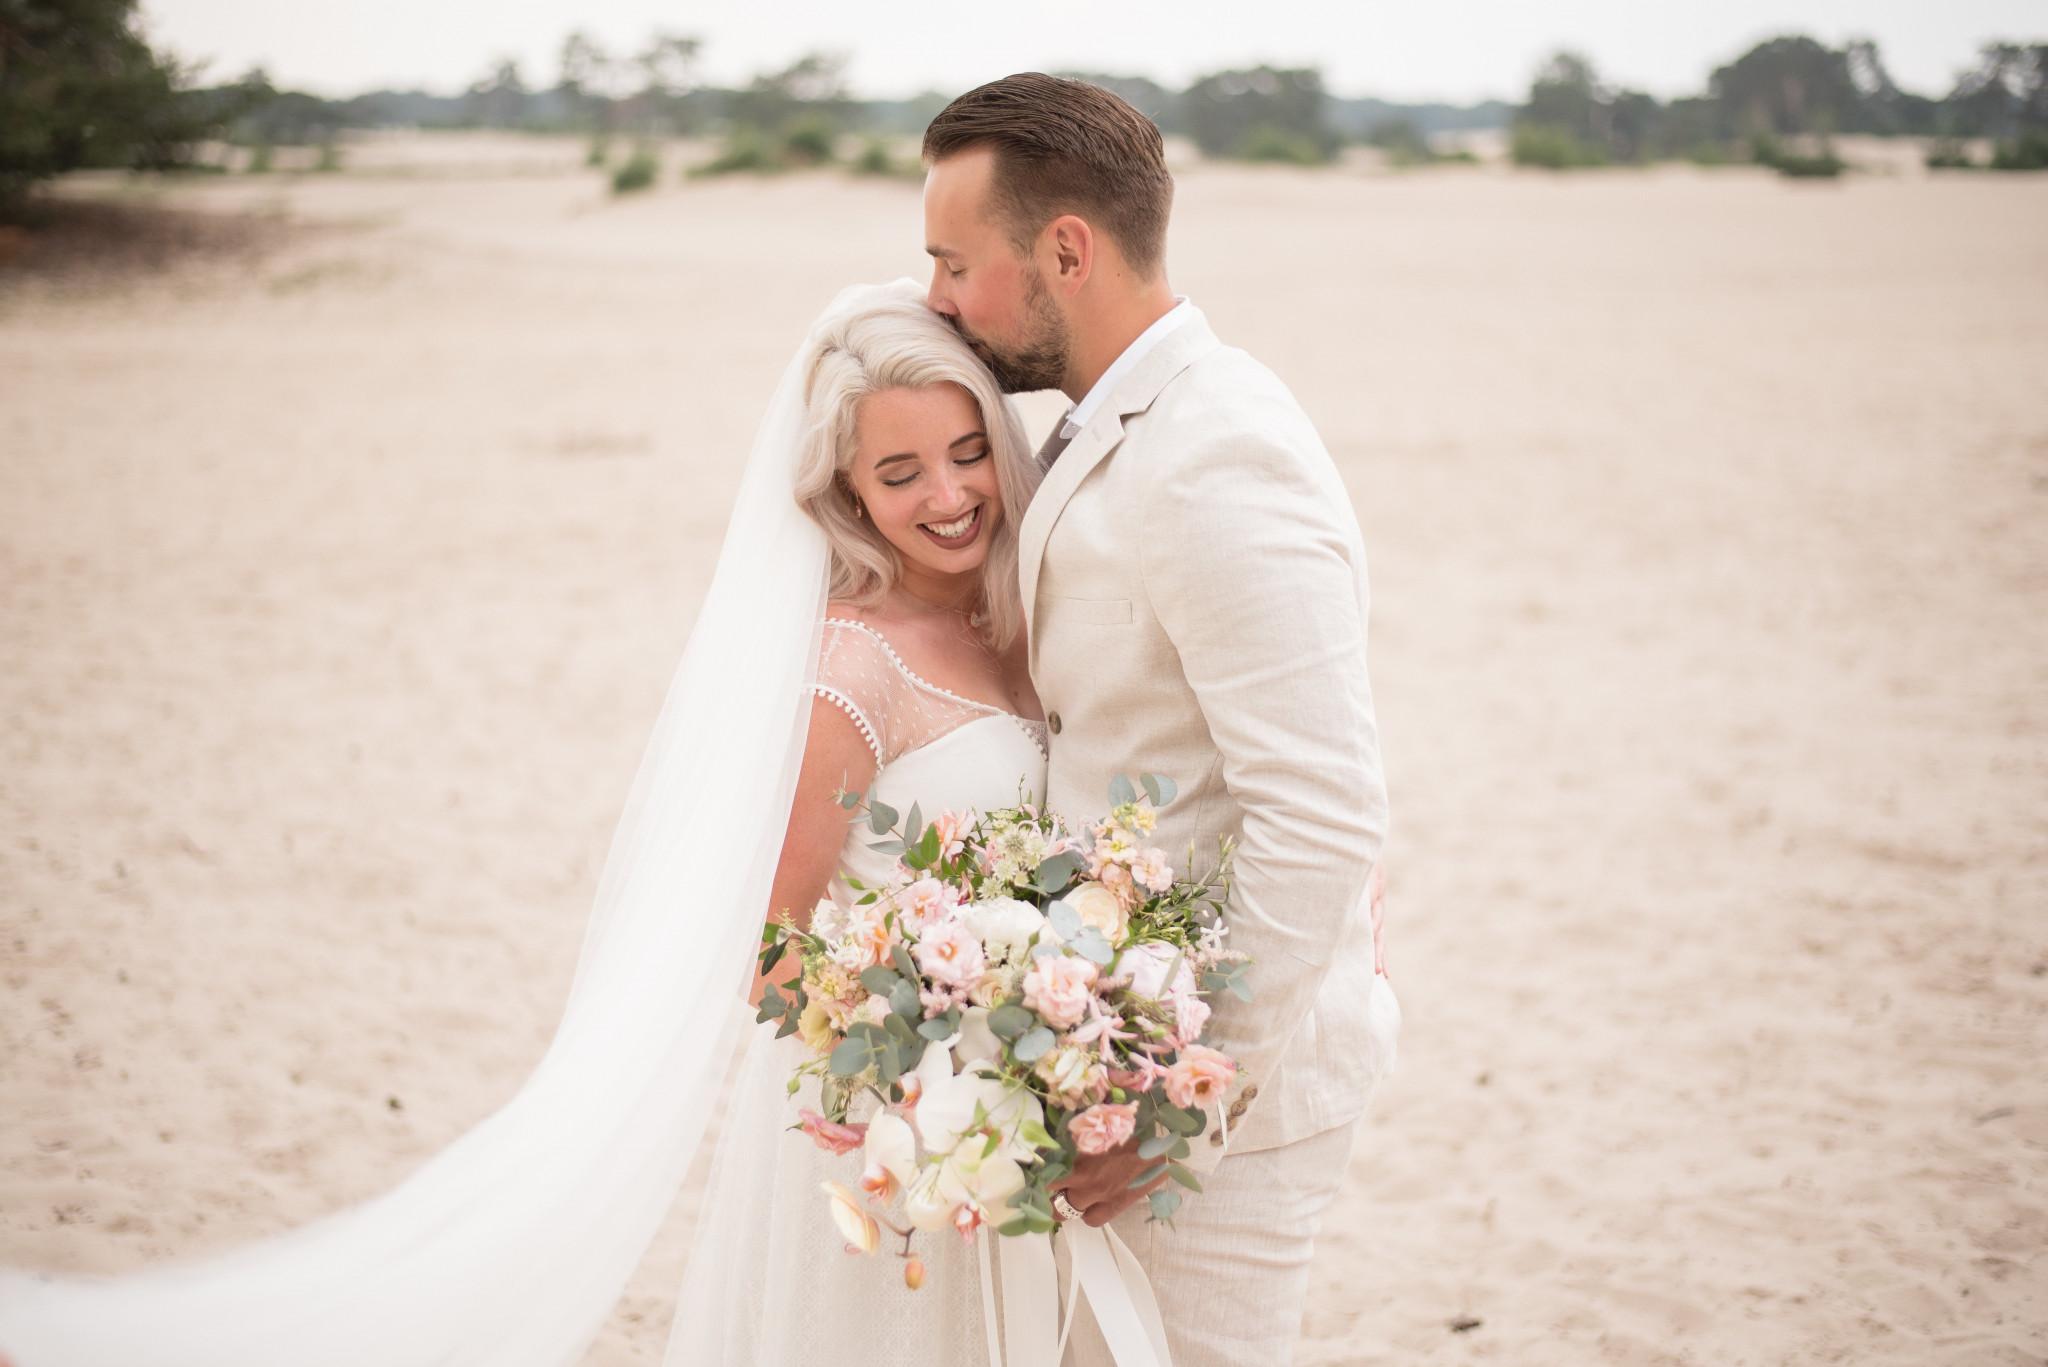 trouwen wat moet je regelen